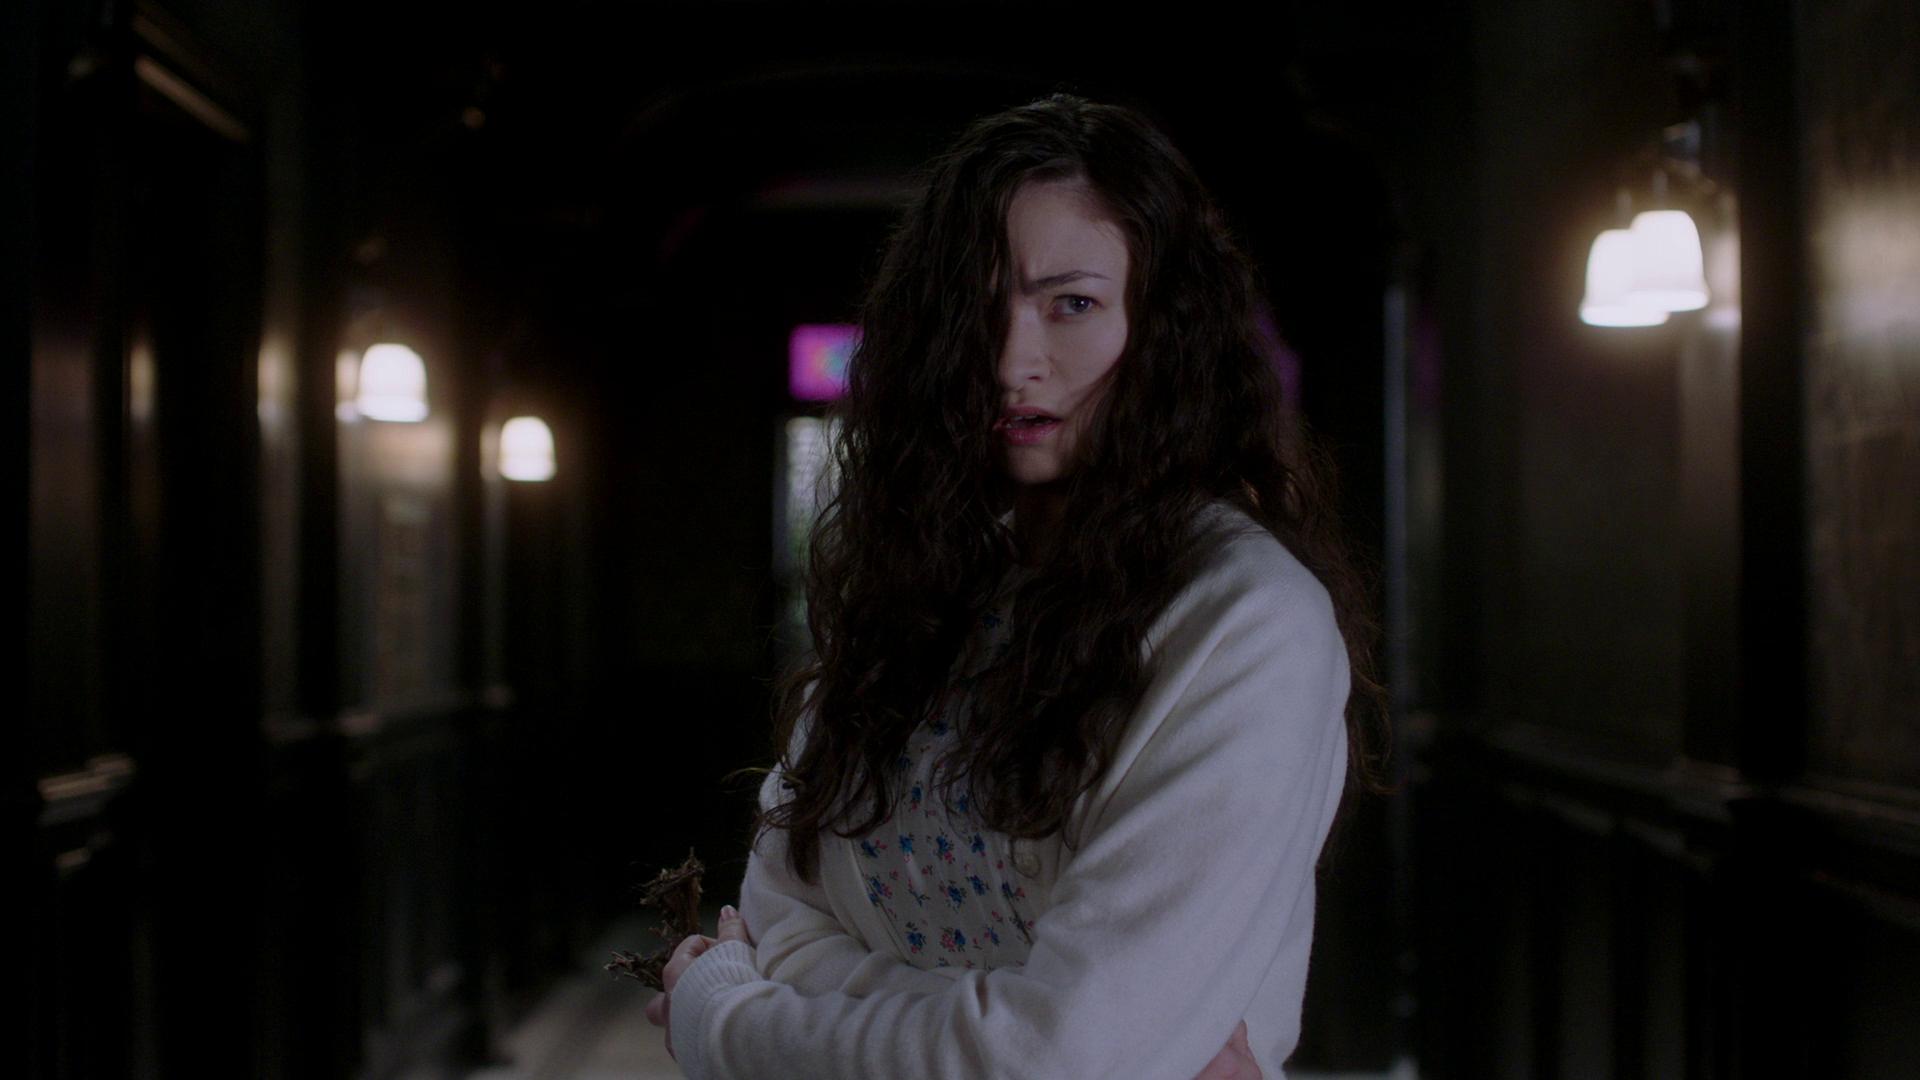 Emily (Witch)